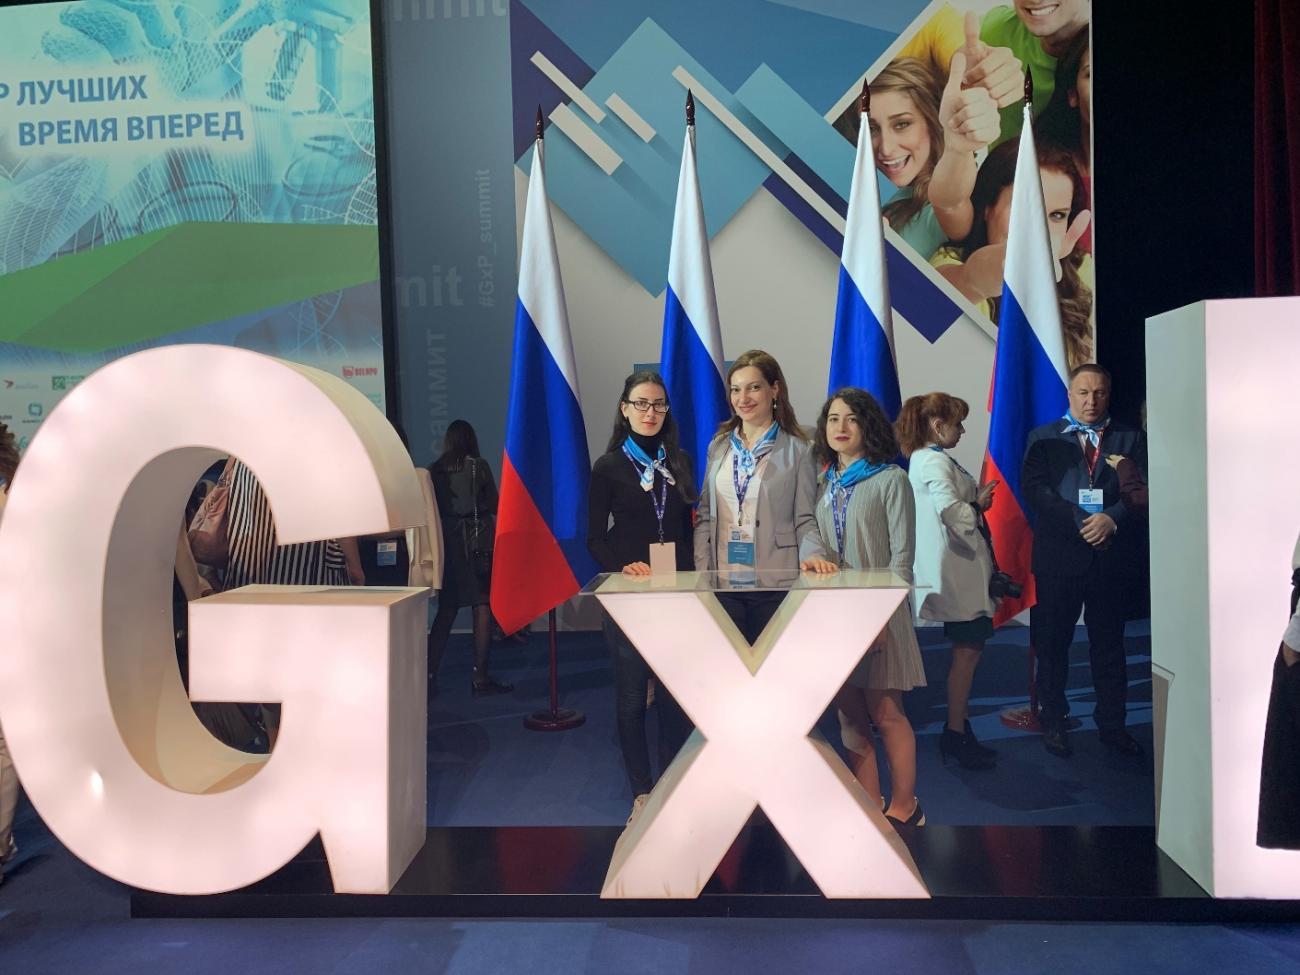 Ֆարմացիայի մագիստրոսները մասնակցեցին Համառուսական միջբուհական GxP գագաթնաժողովին